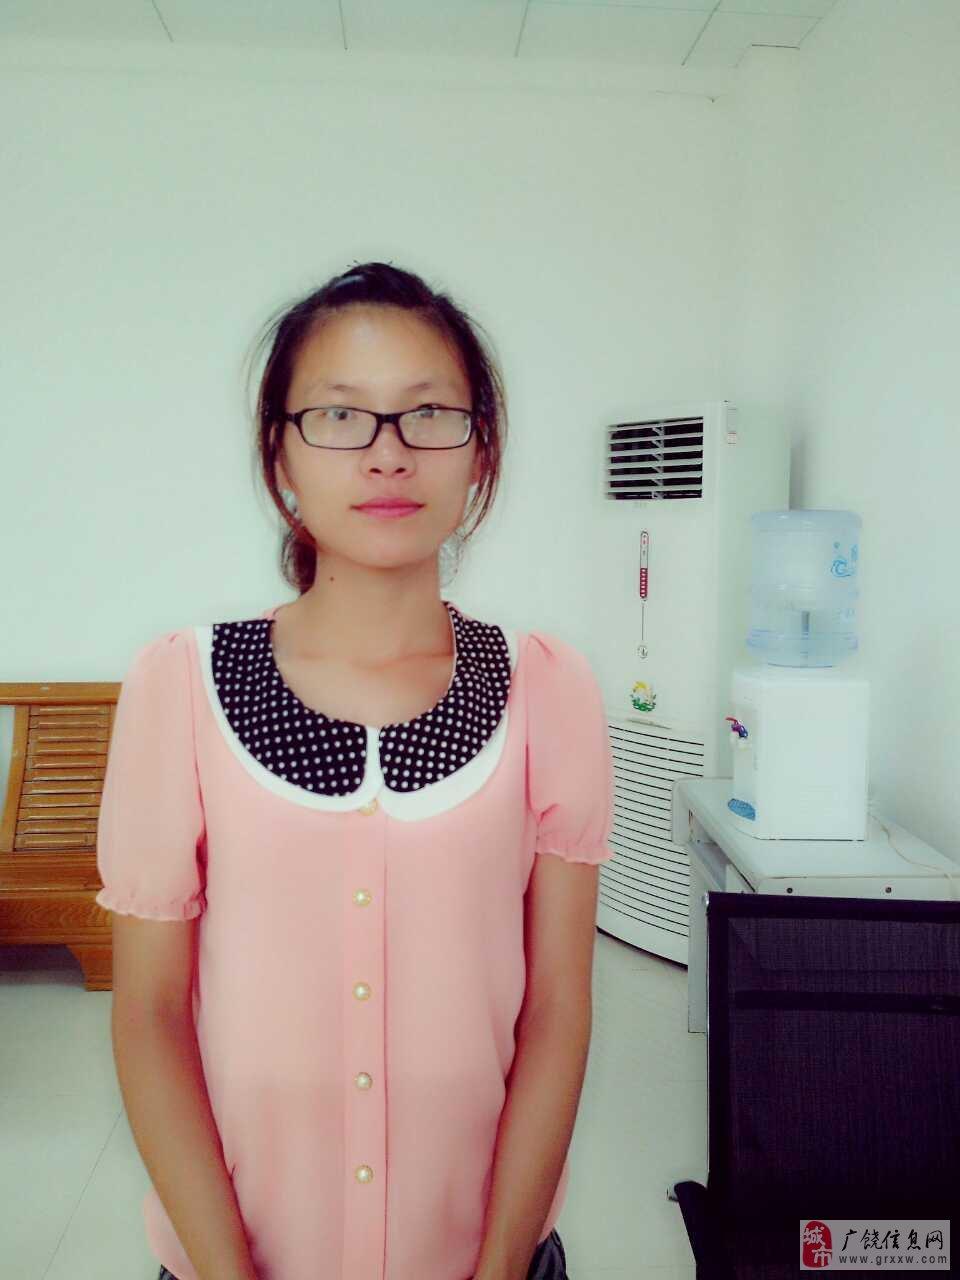 何元元 女 23岁 高清图片